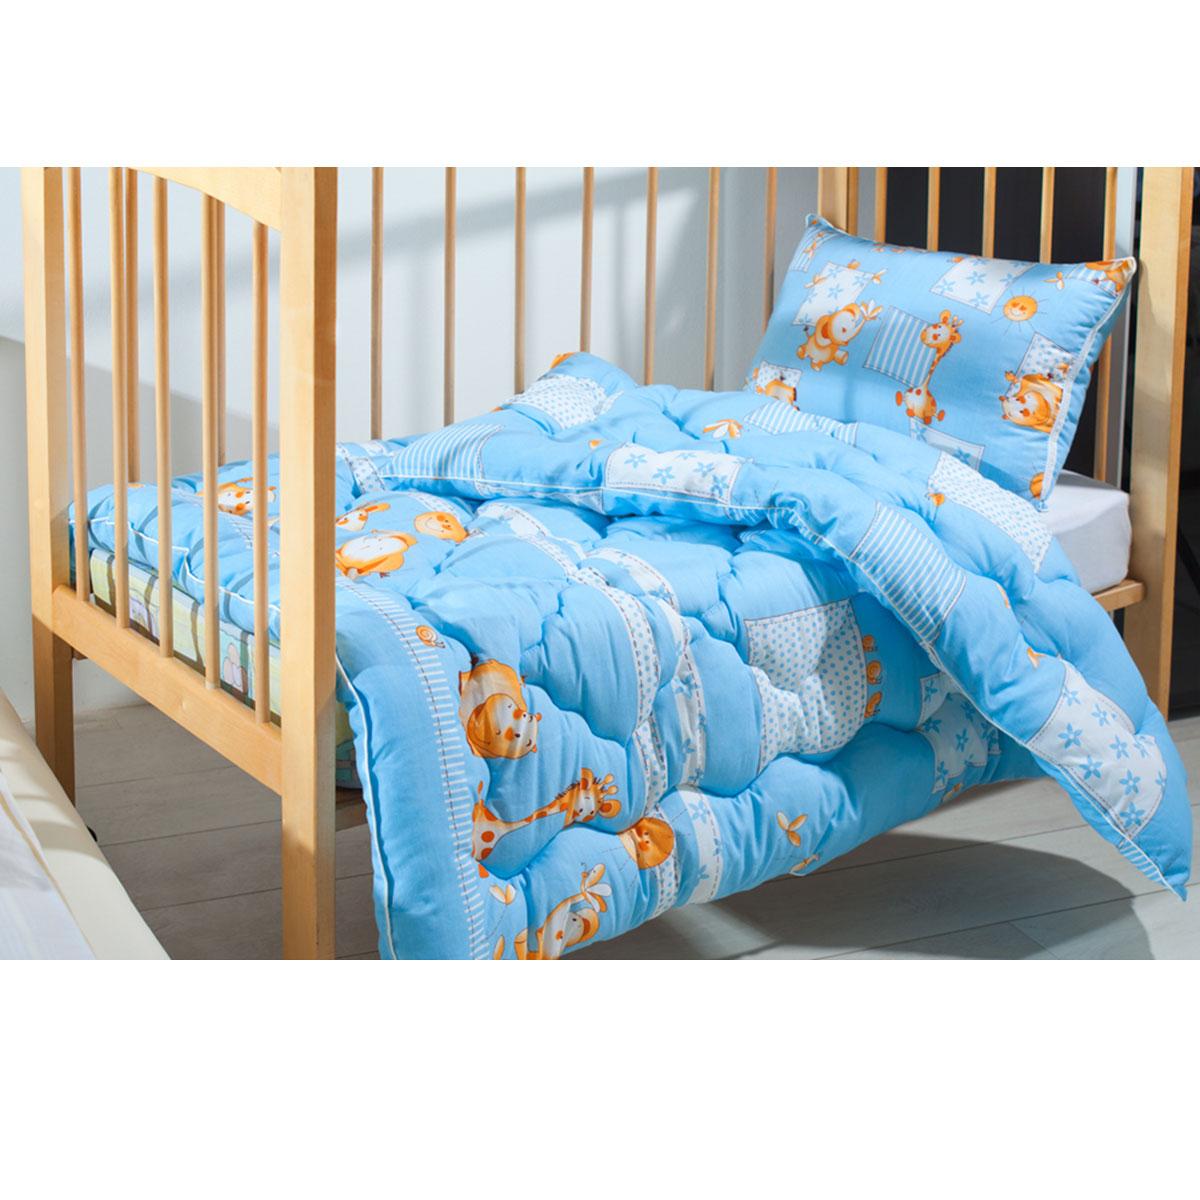 Одеяло детское Подушкино Лежебока, стеганое, цвет: голубой, 110 см х 140 см121012030-ФИ